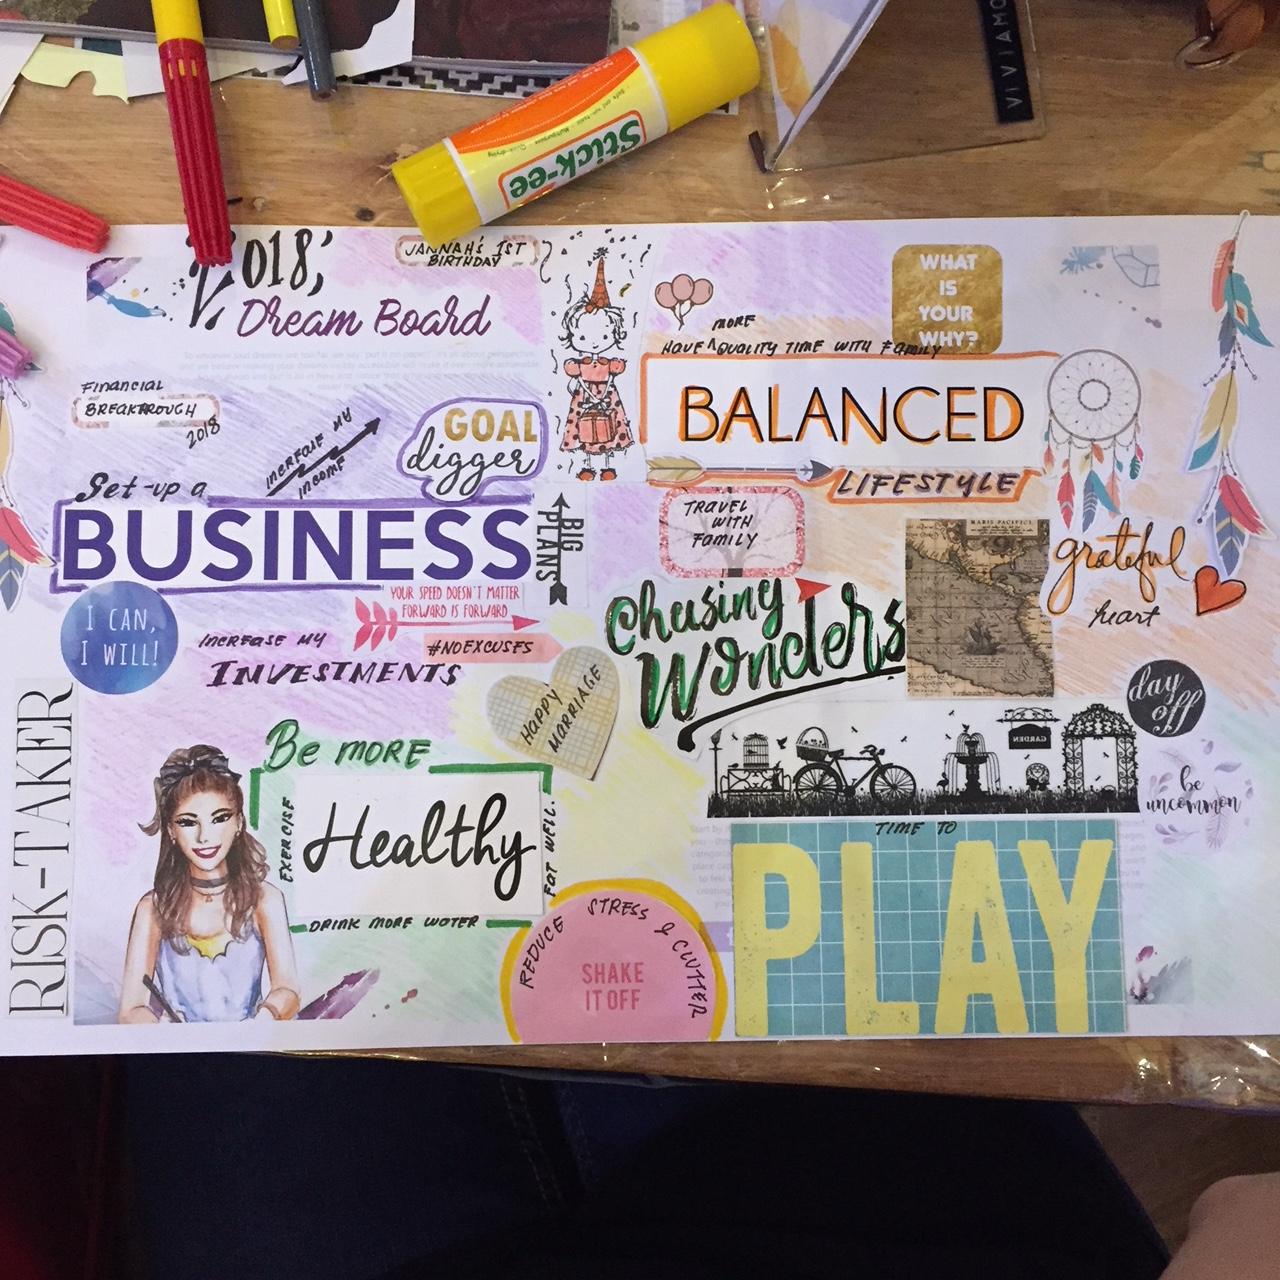 BDJ Launchweekend_Dreamboard